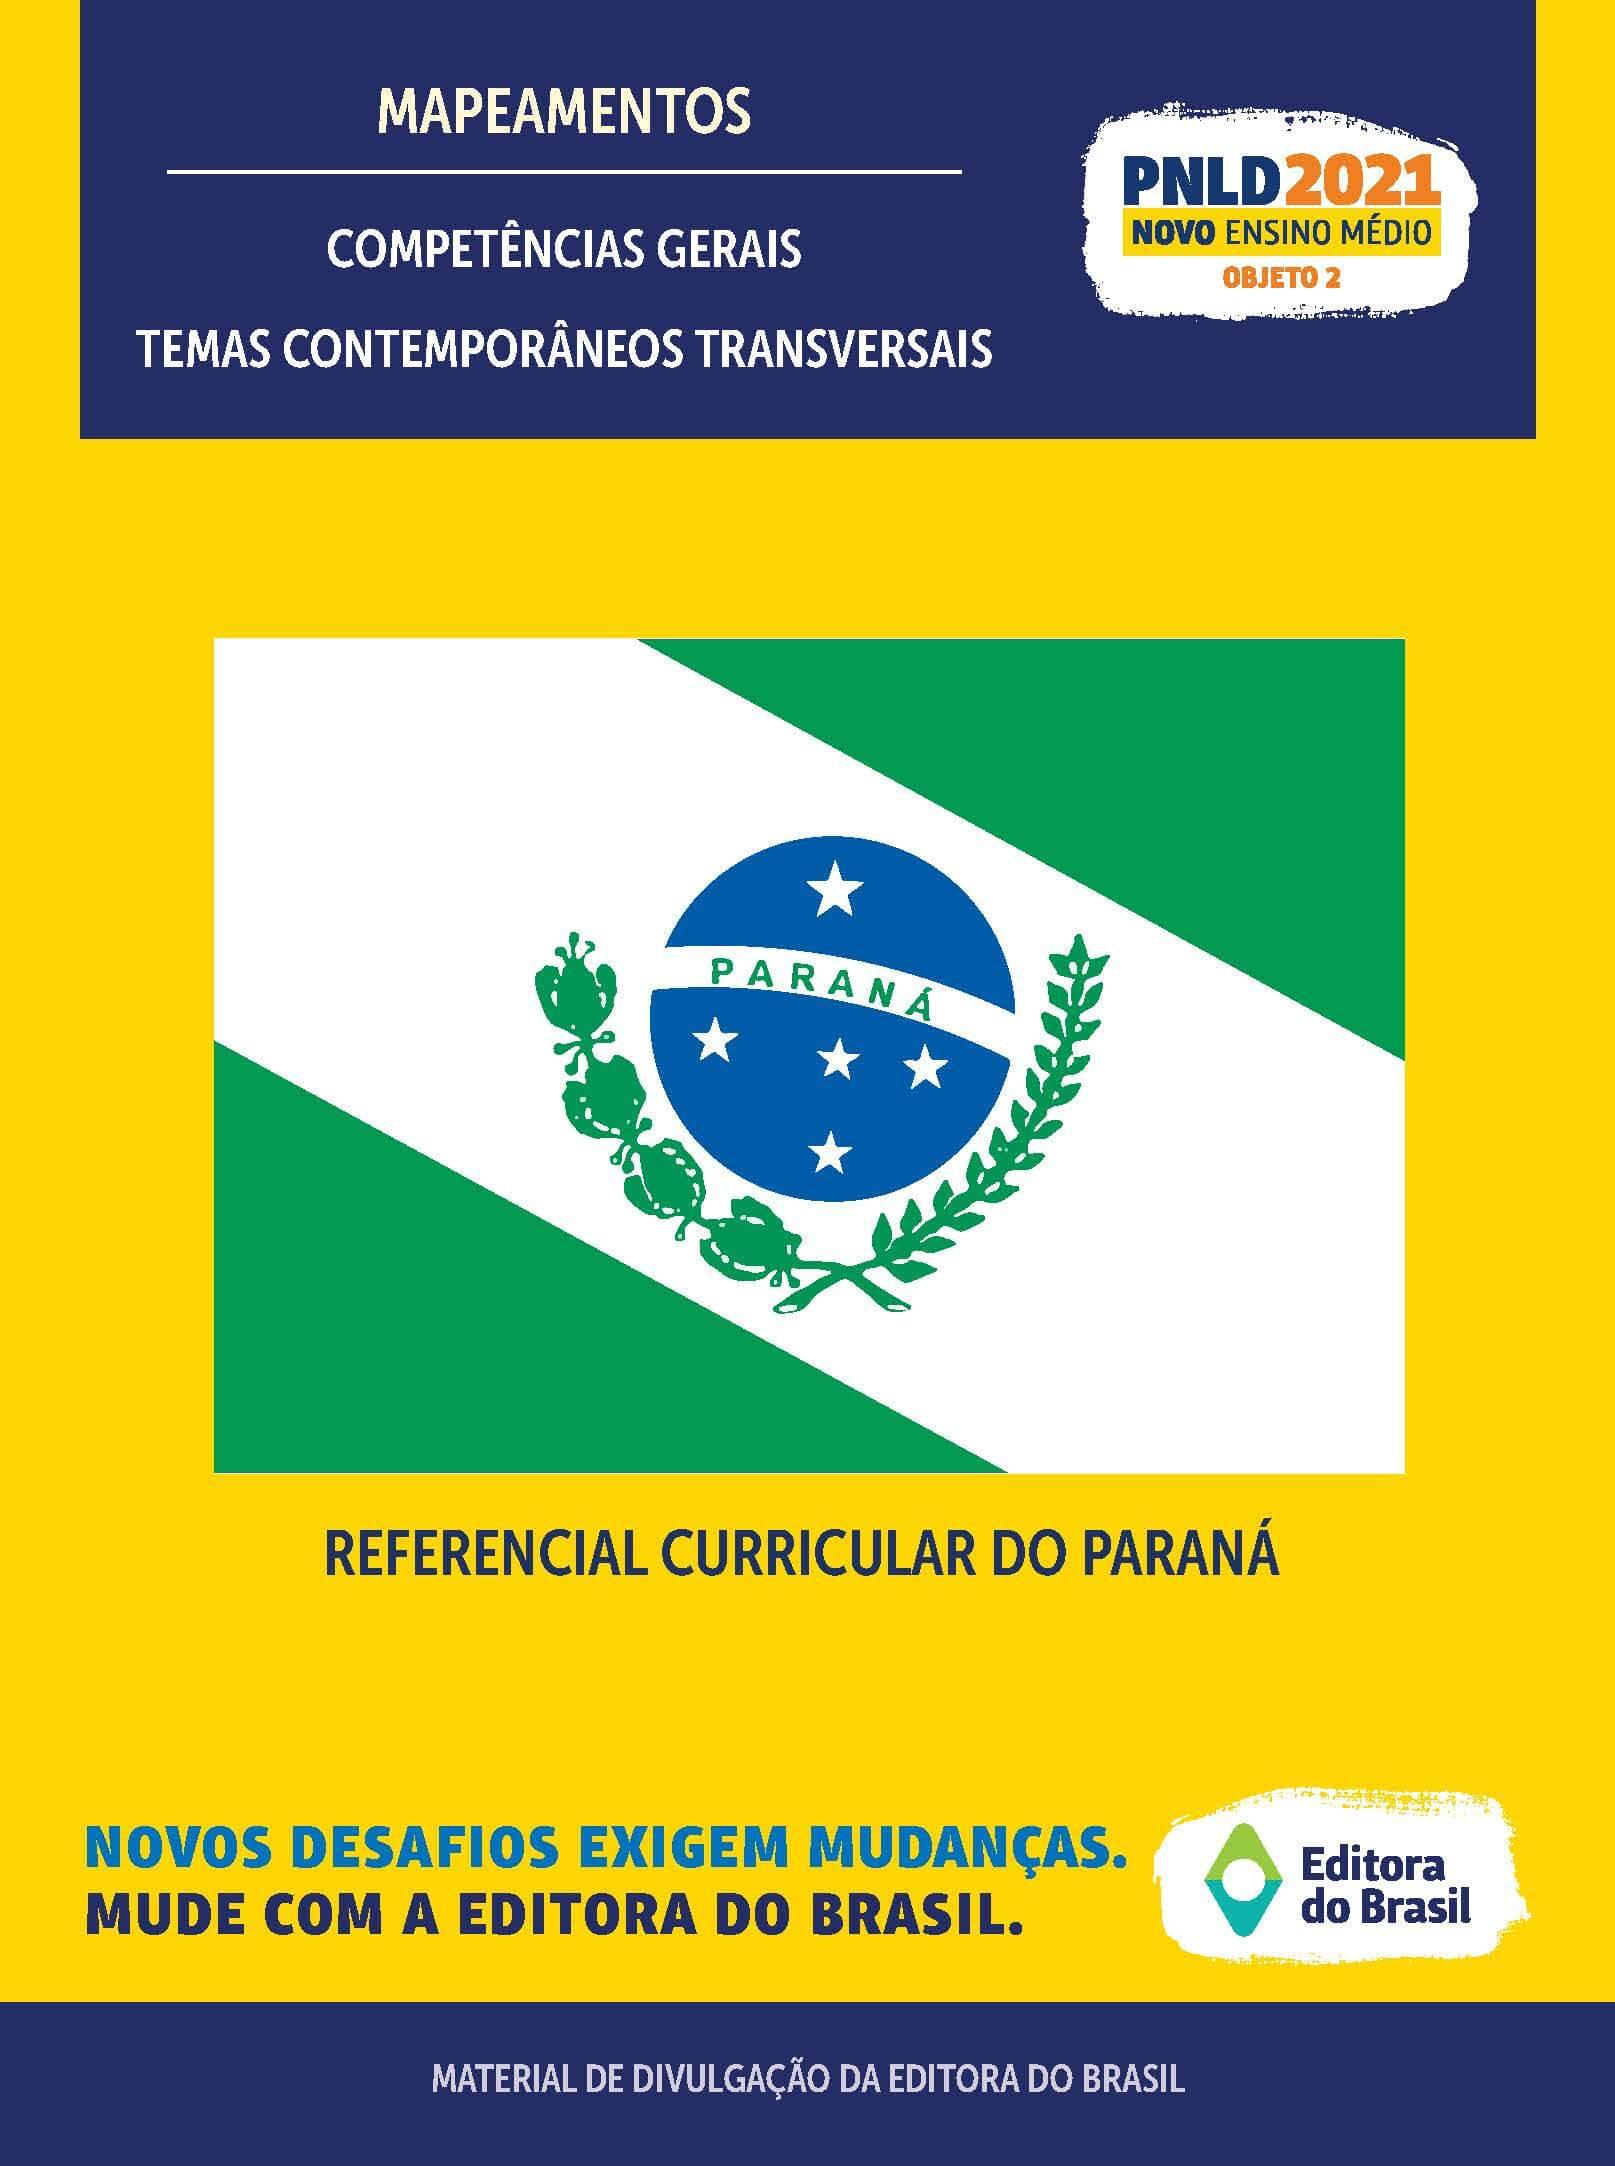 REFERENCIAL CURRICULAR DO PARANÁ